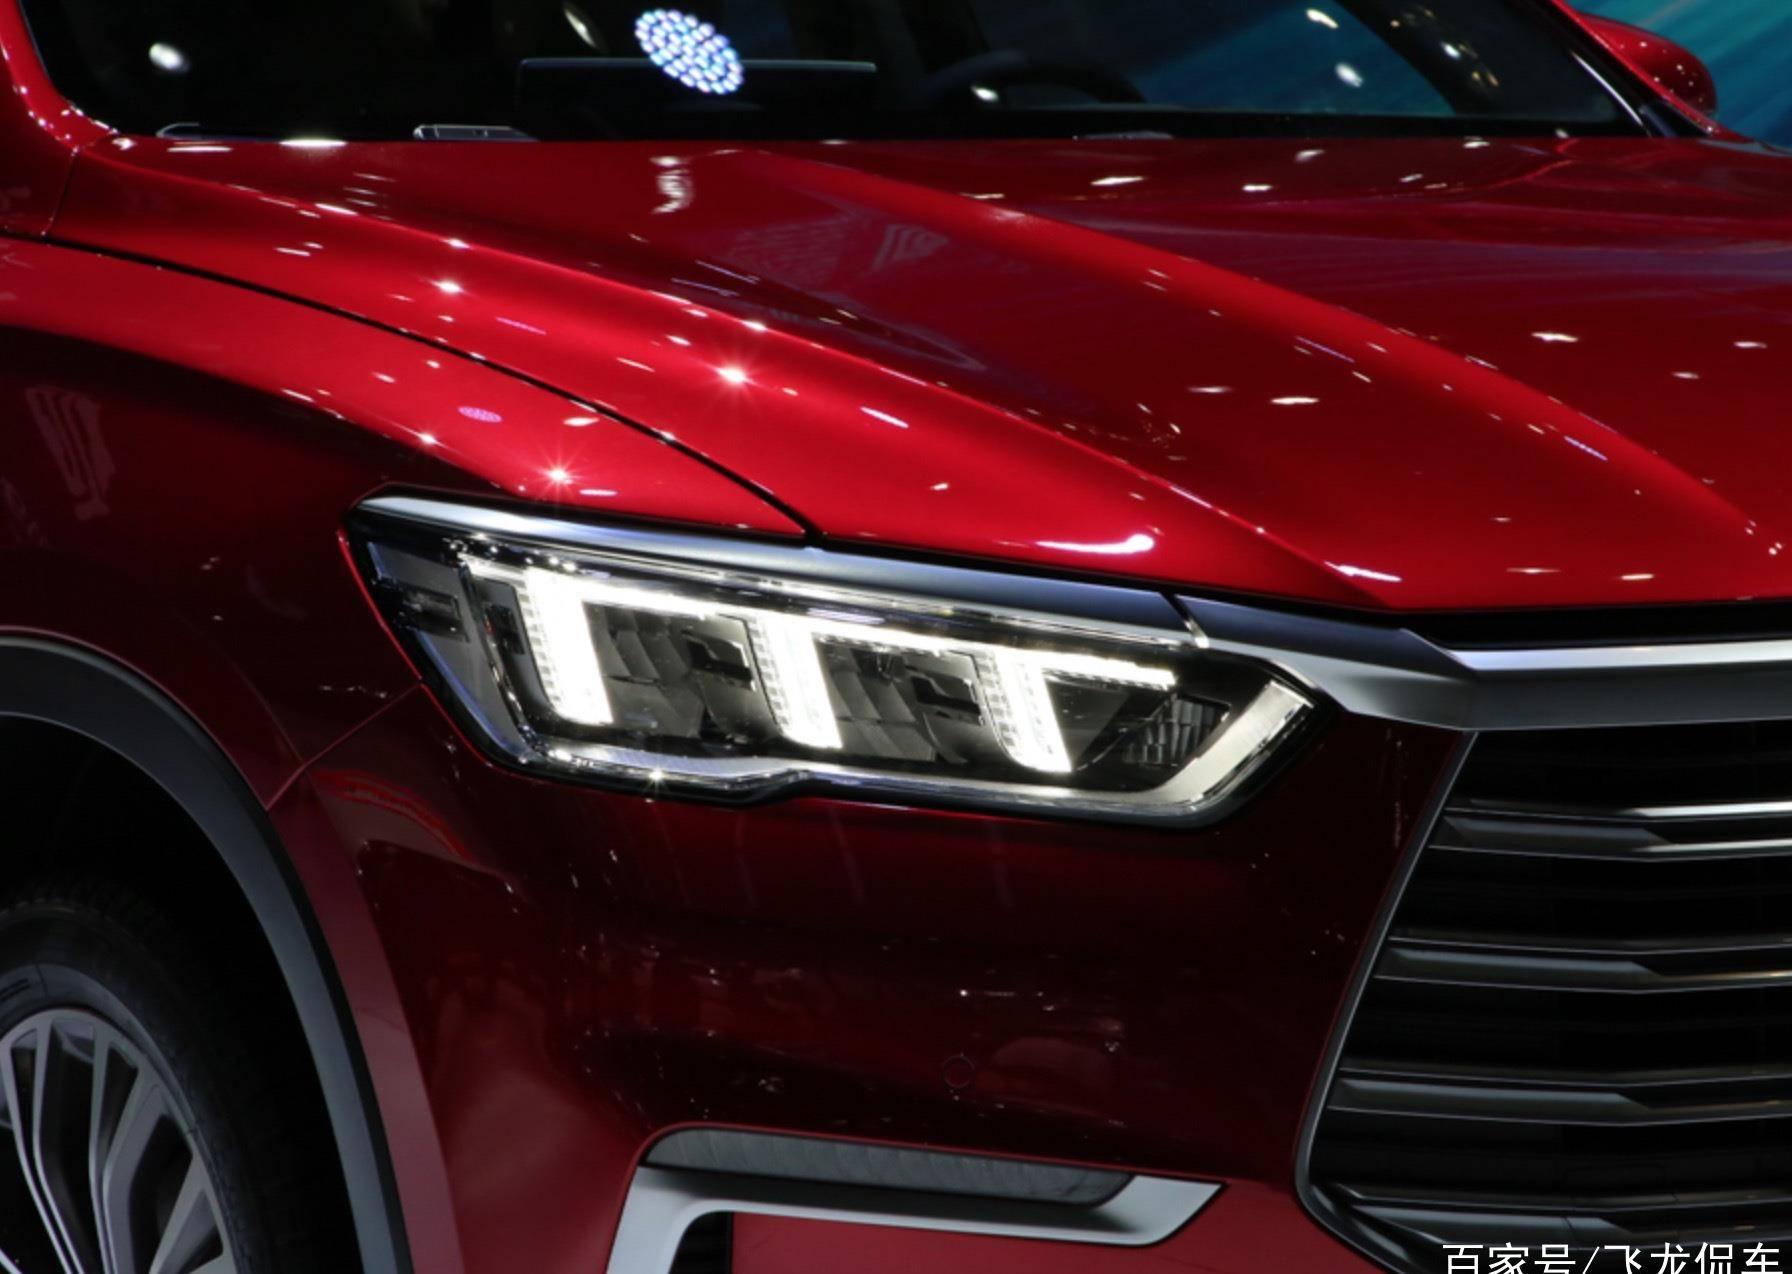 原国产SUV新标杆,搭载1.5T全铝发动机,车内静如图书馆,89800起